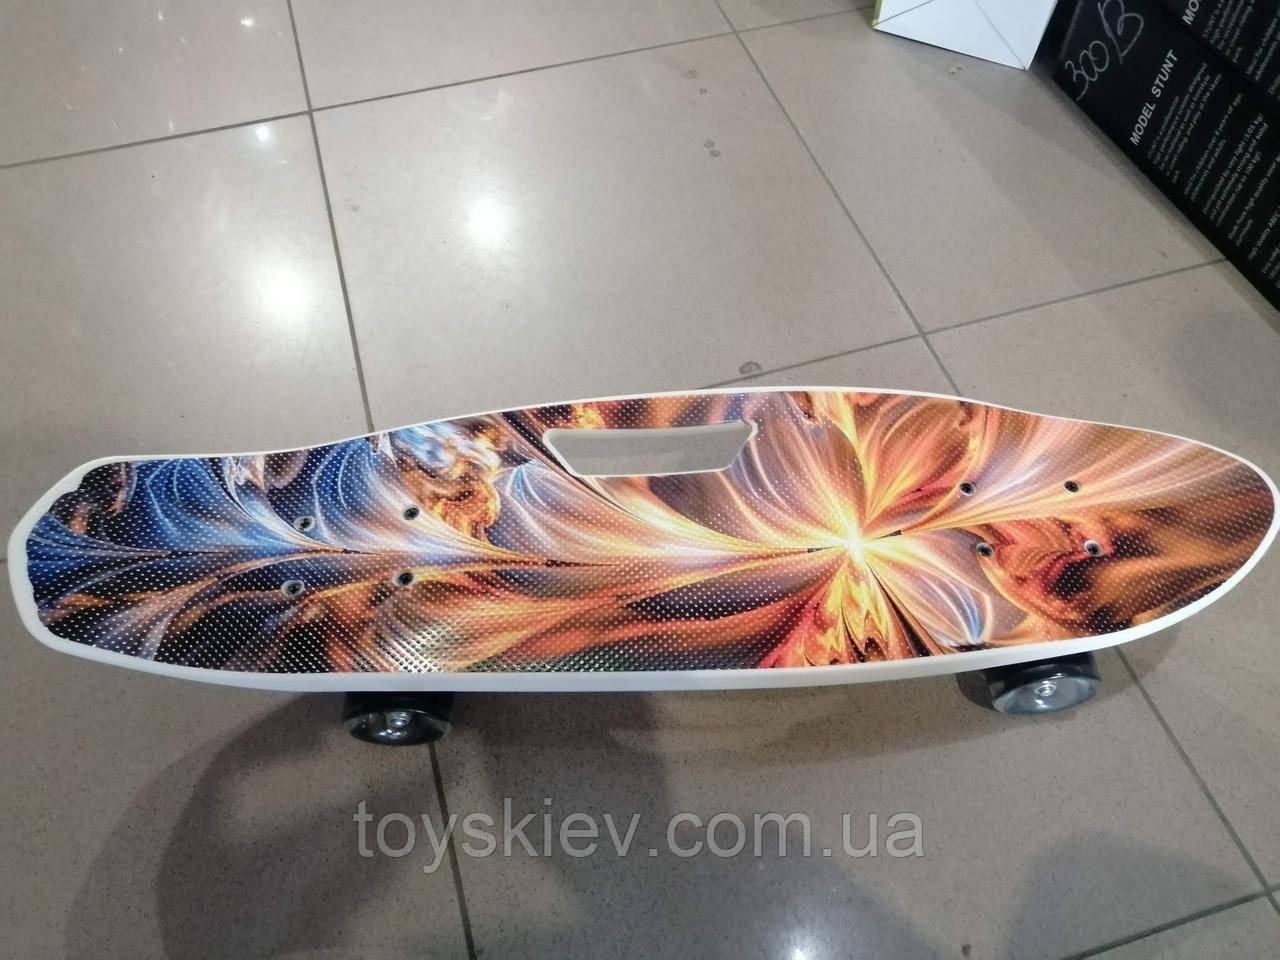 Скейт большой 65см Пенни борд (Penny board) пениборд с рисунком, ручкой светящиеся колёса